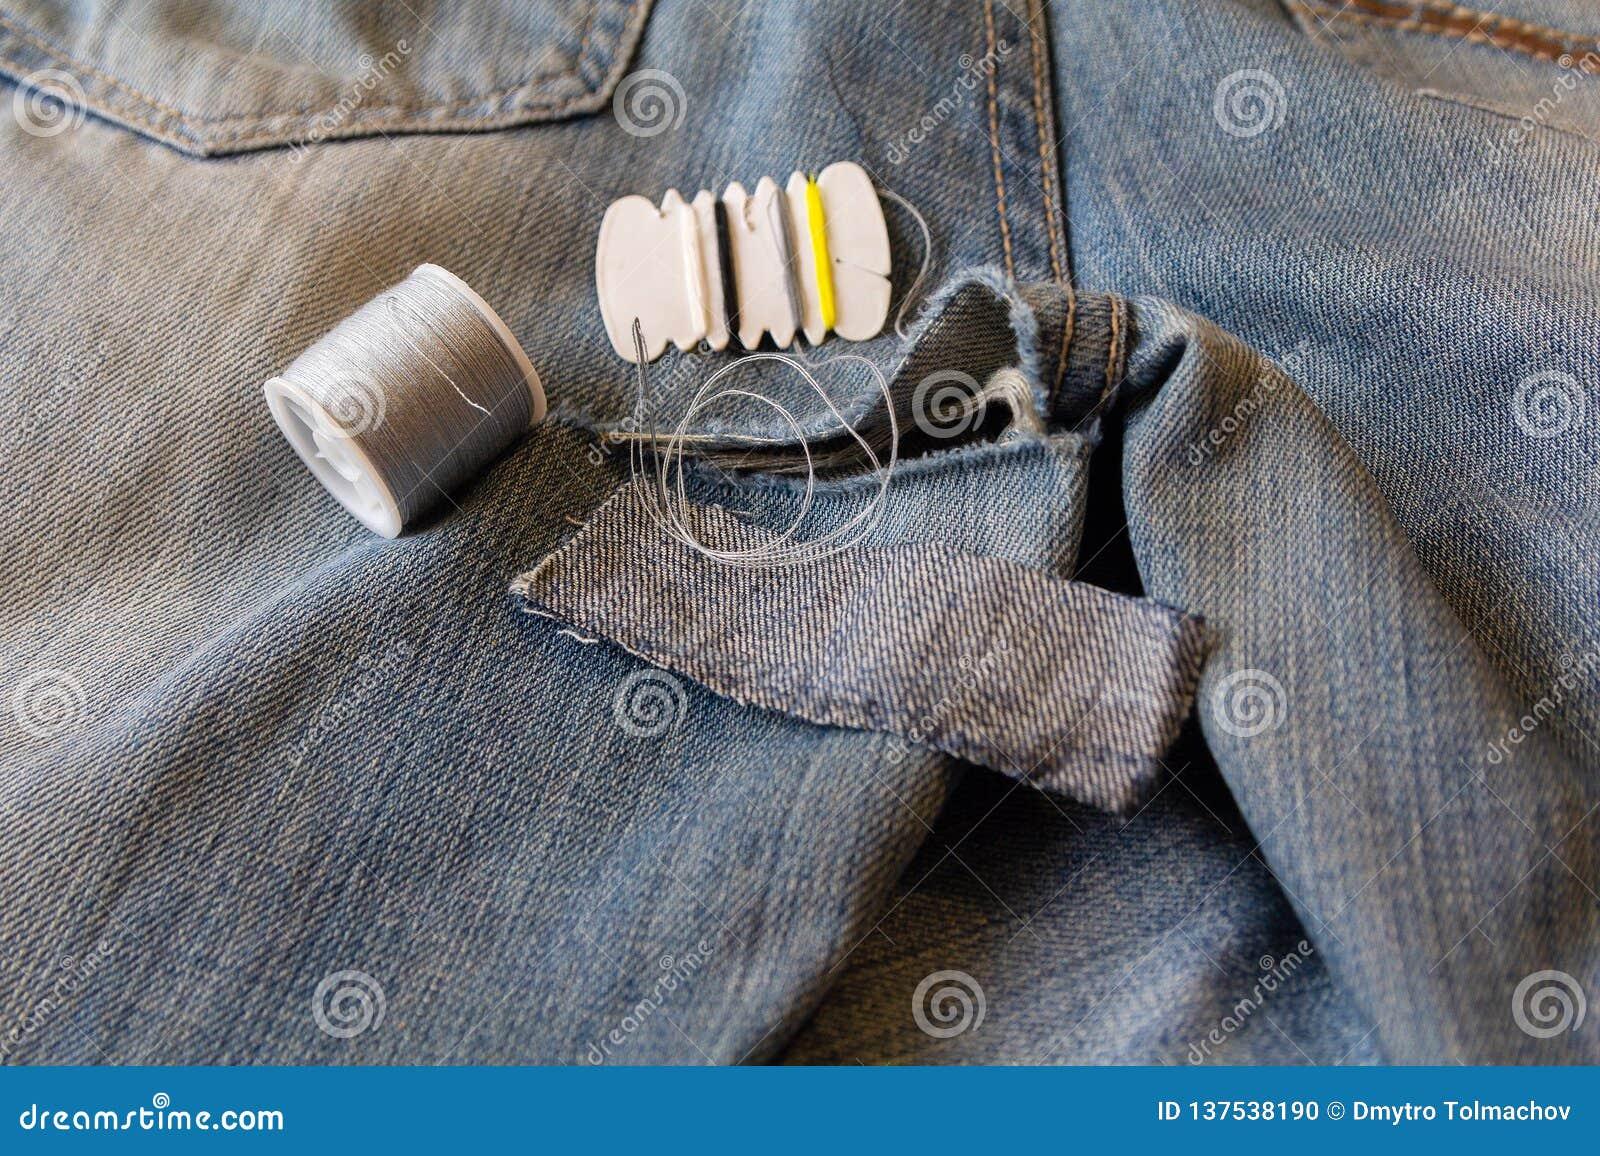 Agujas E Hilo De Costura Bordados En Los Pantalones Del Dril De Algodon Foto De Archivo Imagen De Costura Algodon 137538190